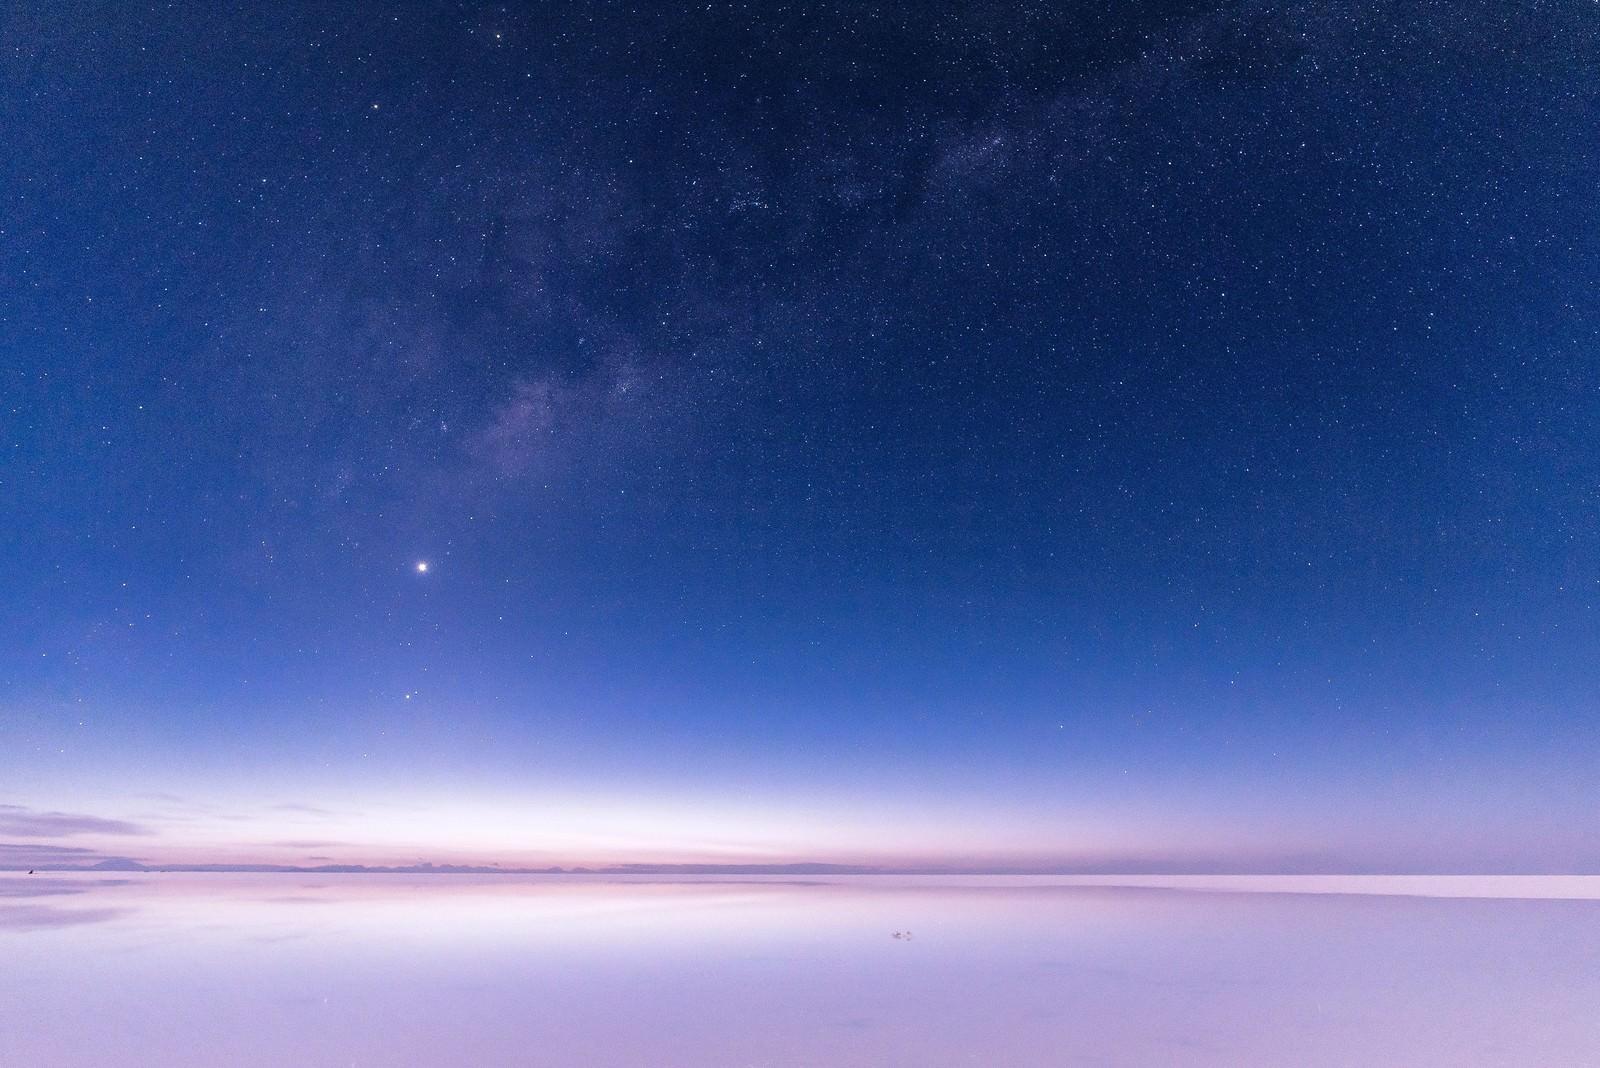 ウユニ塩湖の星空の写真 画像 フリー素材 ぱくたそ